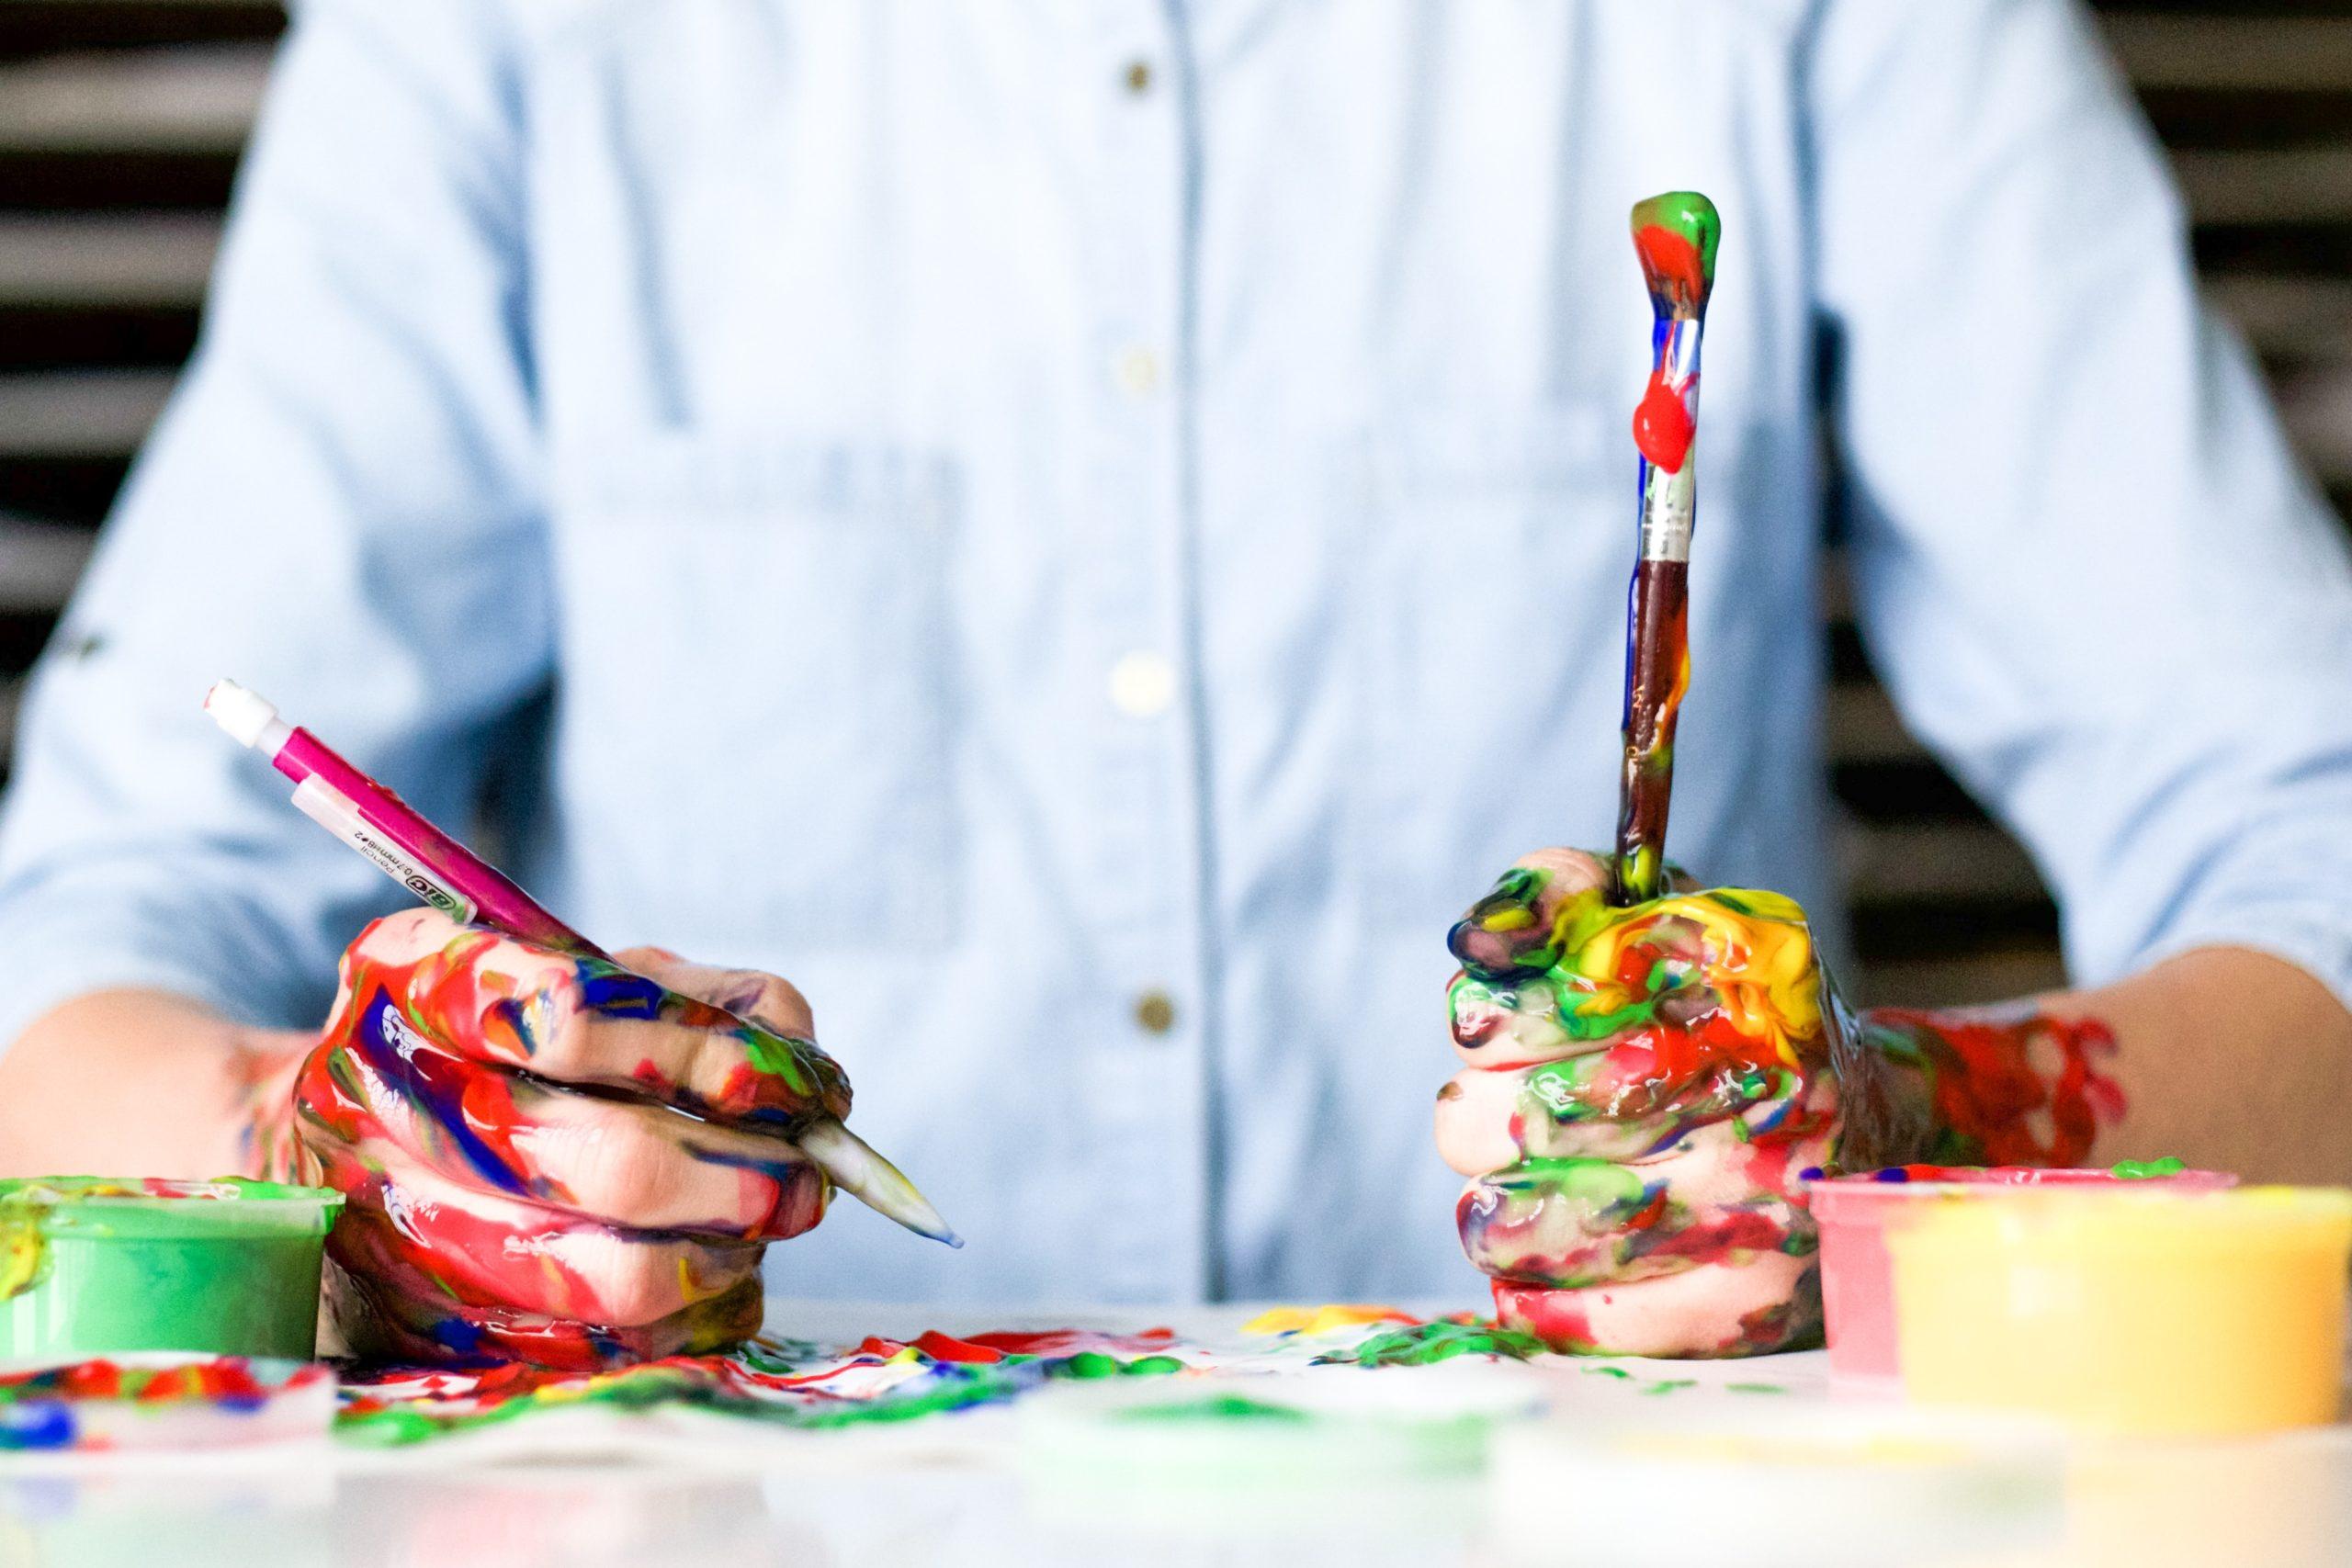 Come il colore influenza le nostre scelte